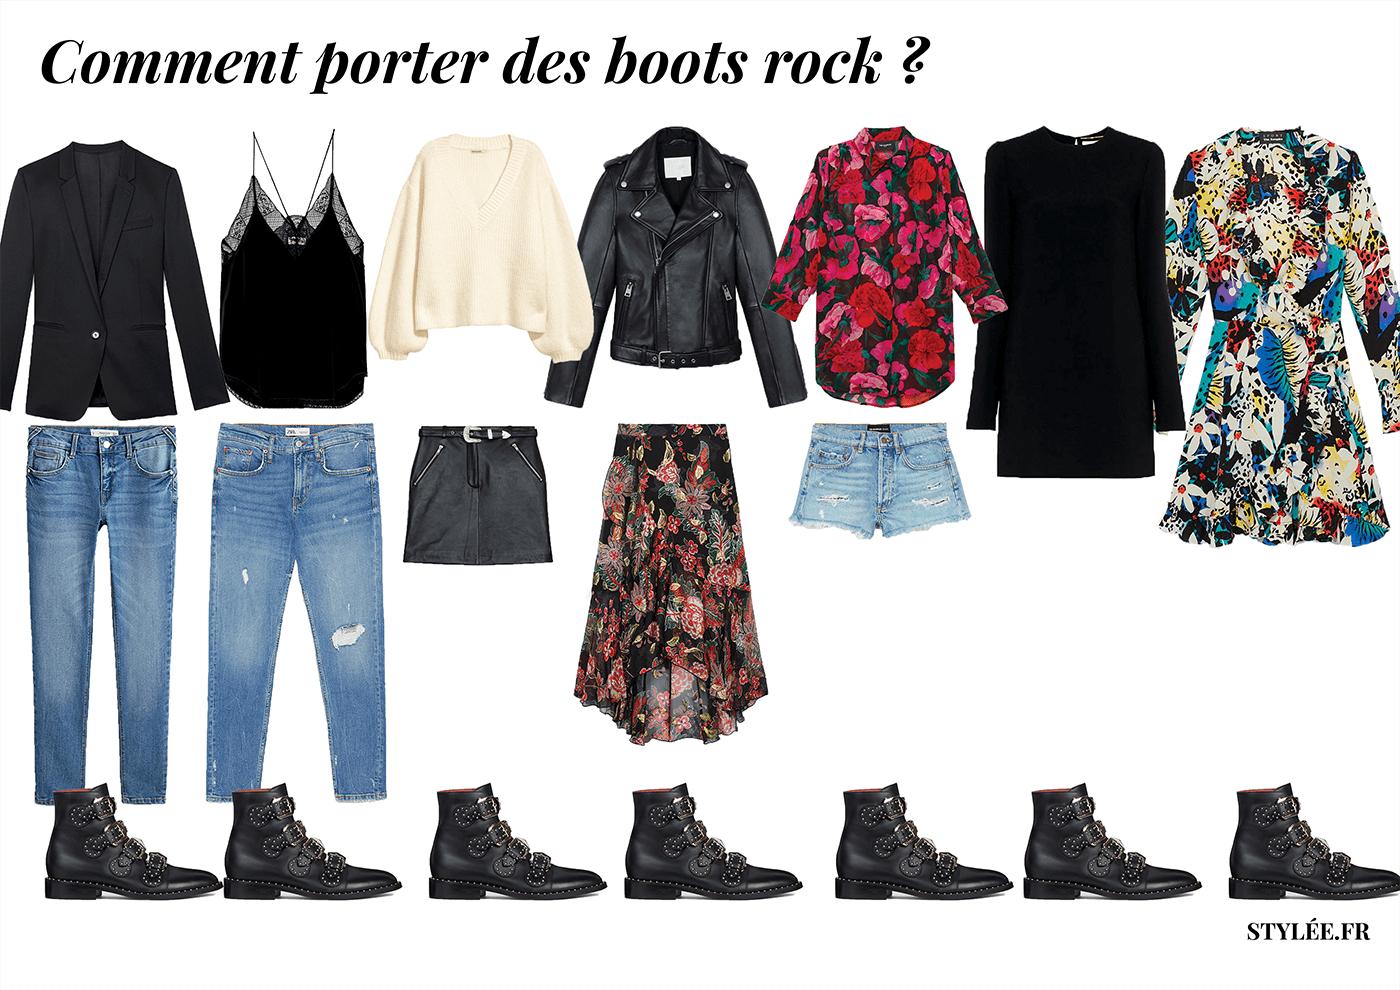 Comment porter des boots rock copie